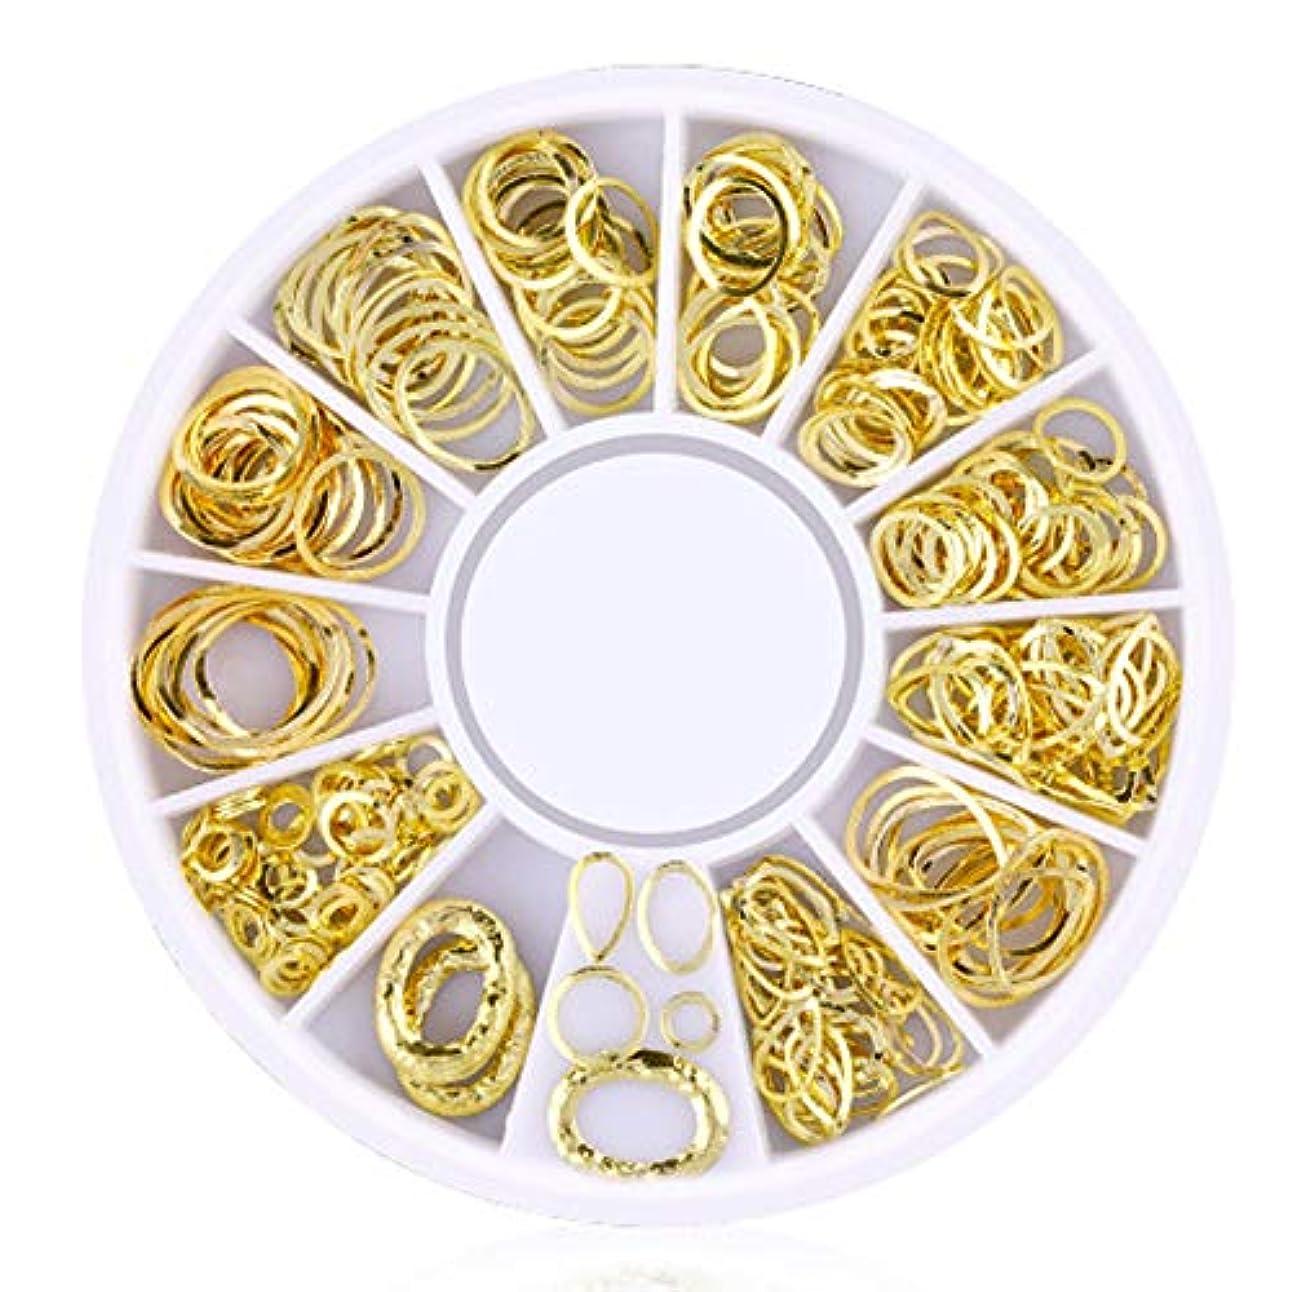 その後クリーム診療所Snner 3D ネイルパーツ メタル ゴールド ハート 星 月 花 蝶結び 幾何風 12種形 ネイルデコレーション 円型ケース入リ ピンクケース 200点セット (幾何風 5)